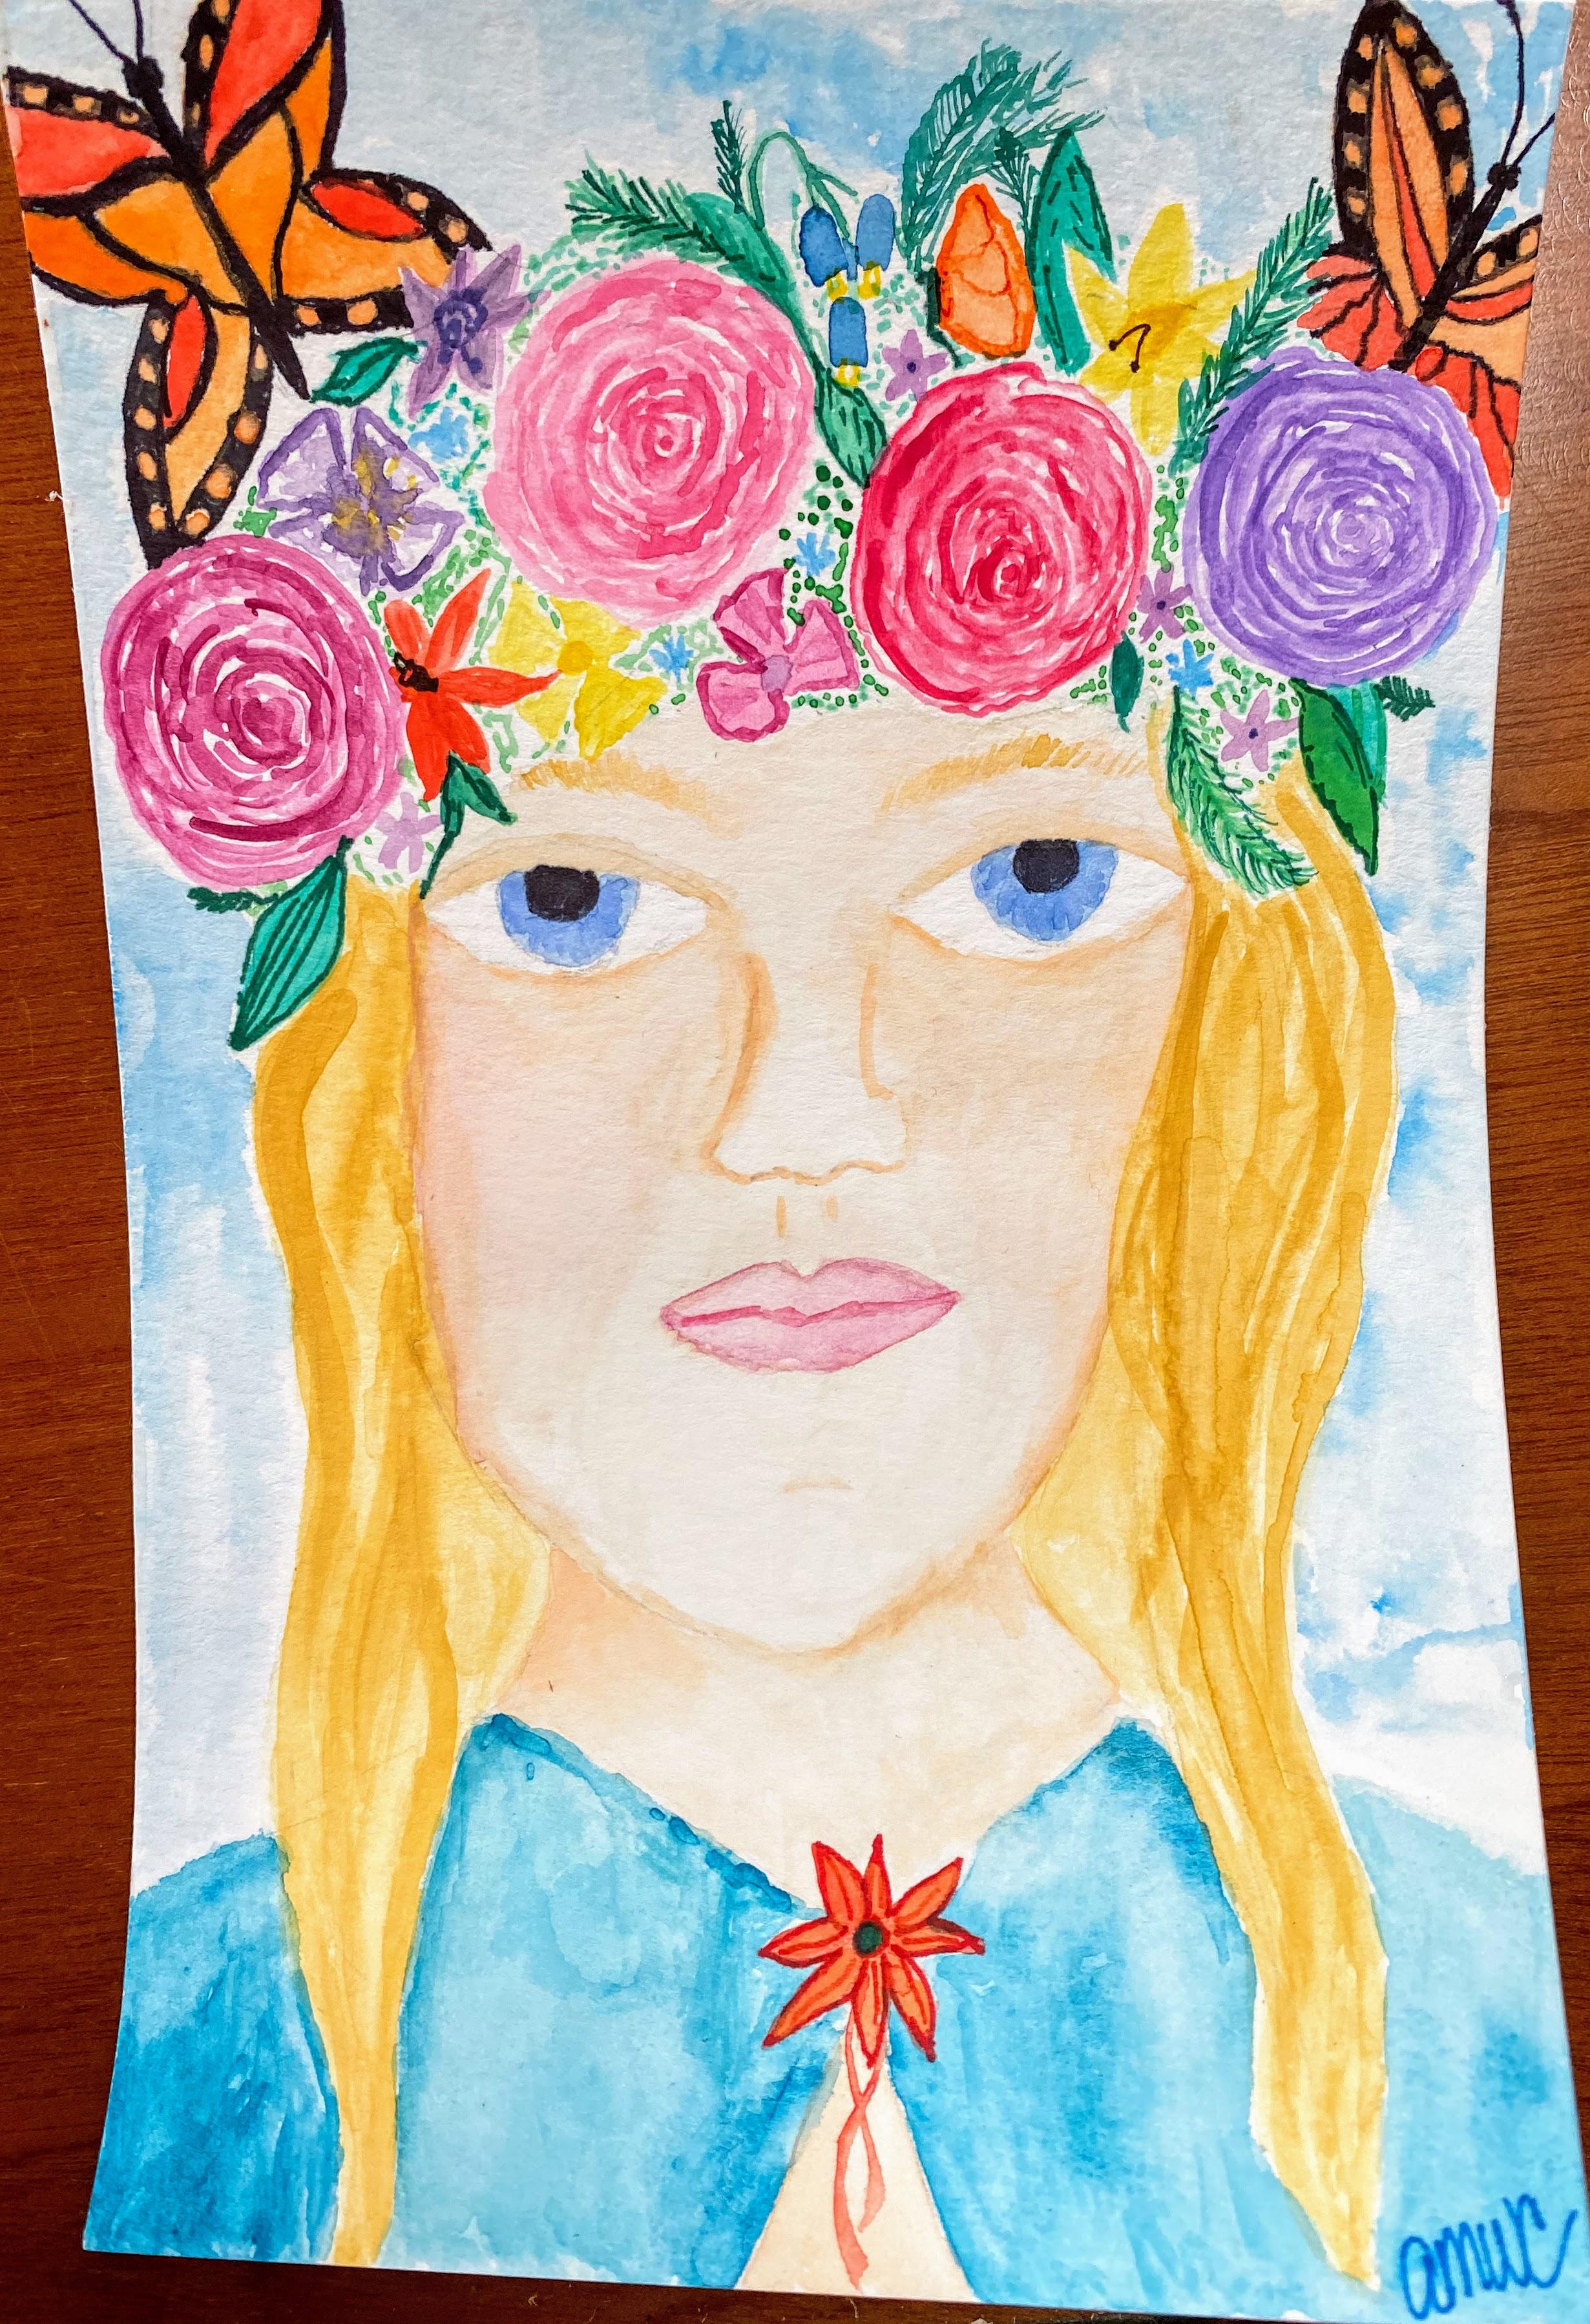 Portrait of Audrey by April